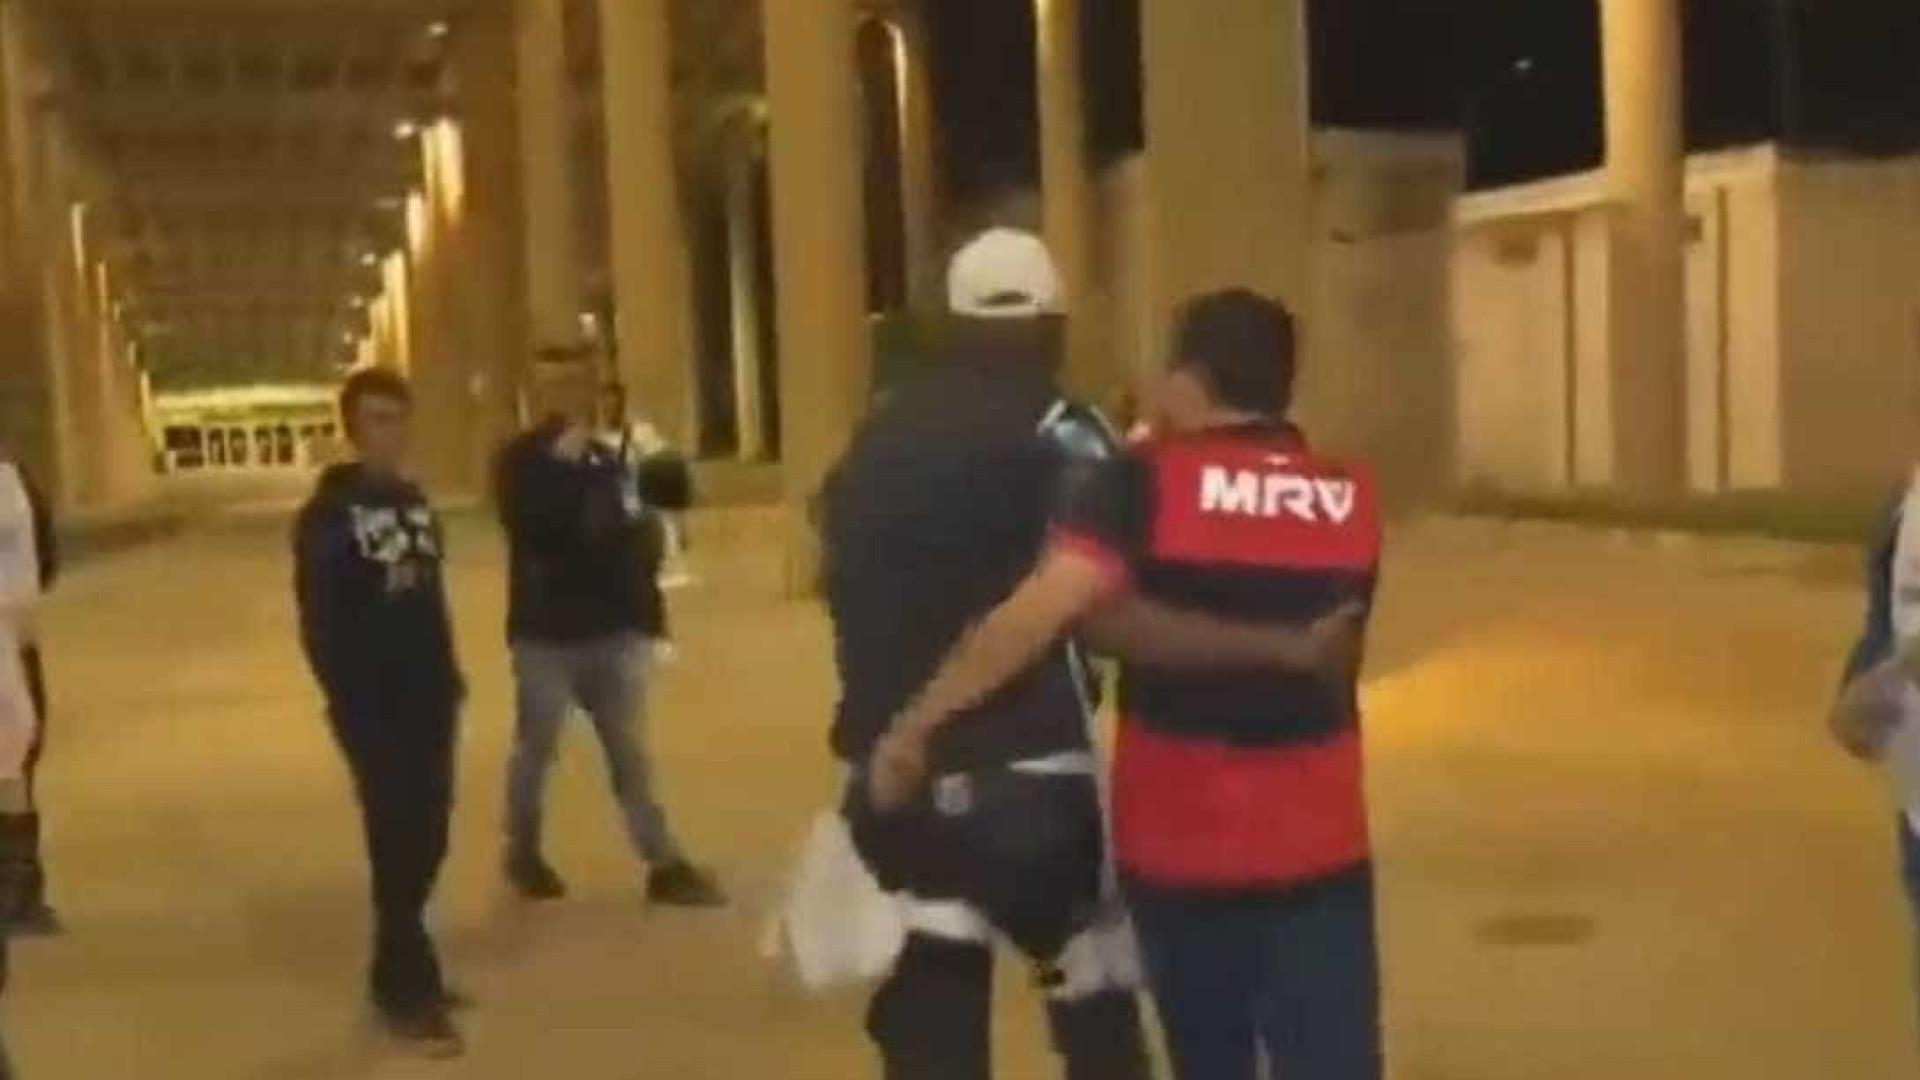 Torcedor do Flamengo é detido acusado de racismo no Maracanã